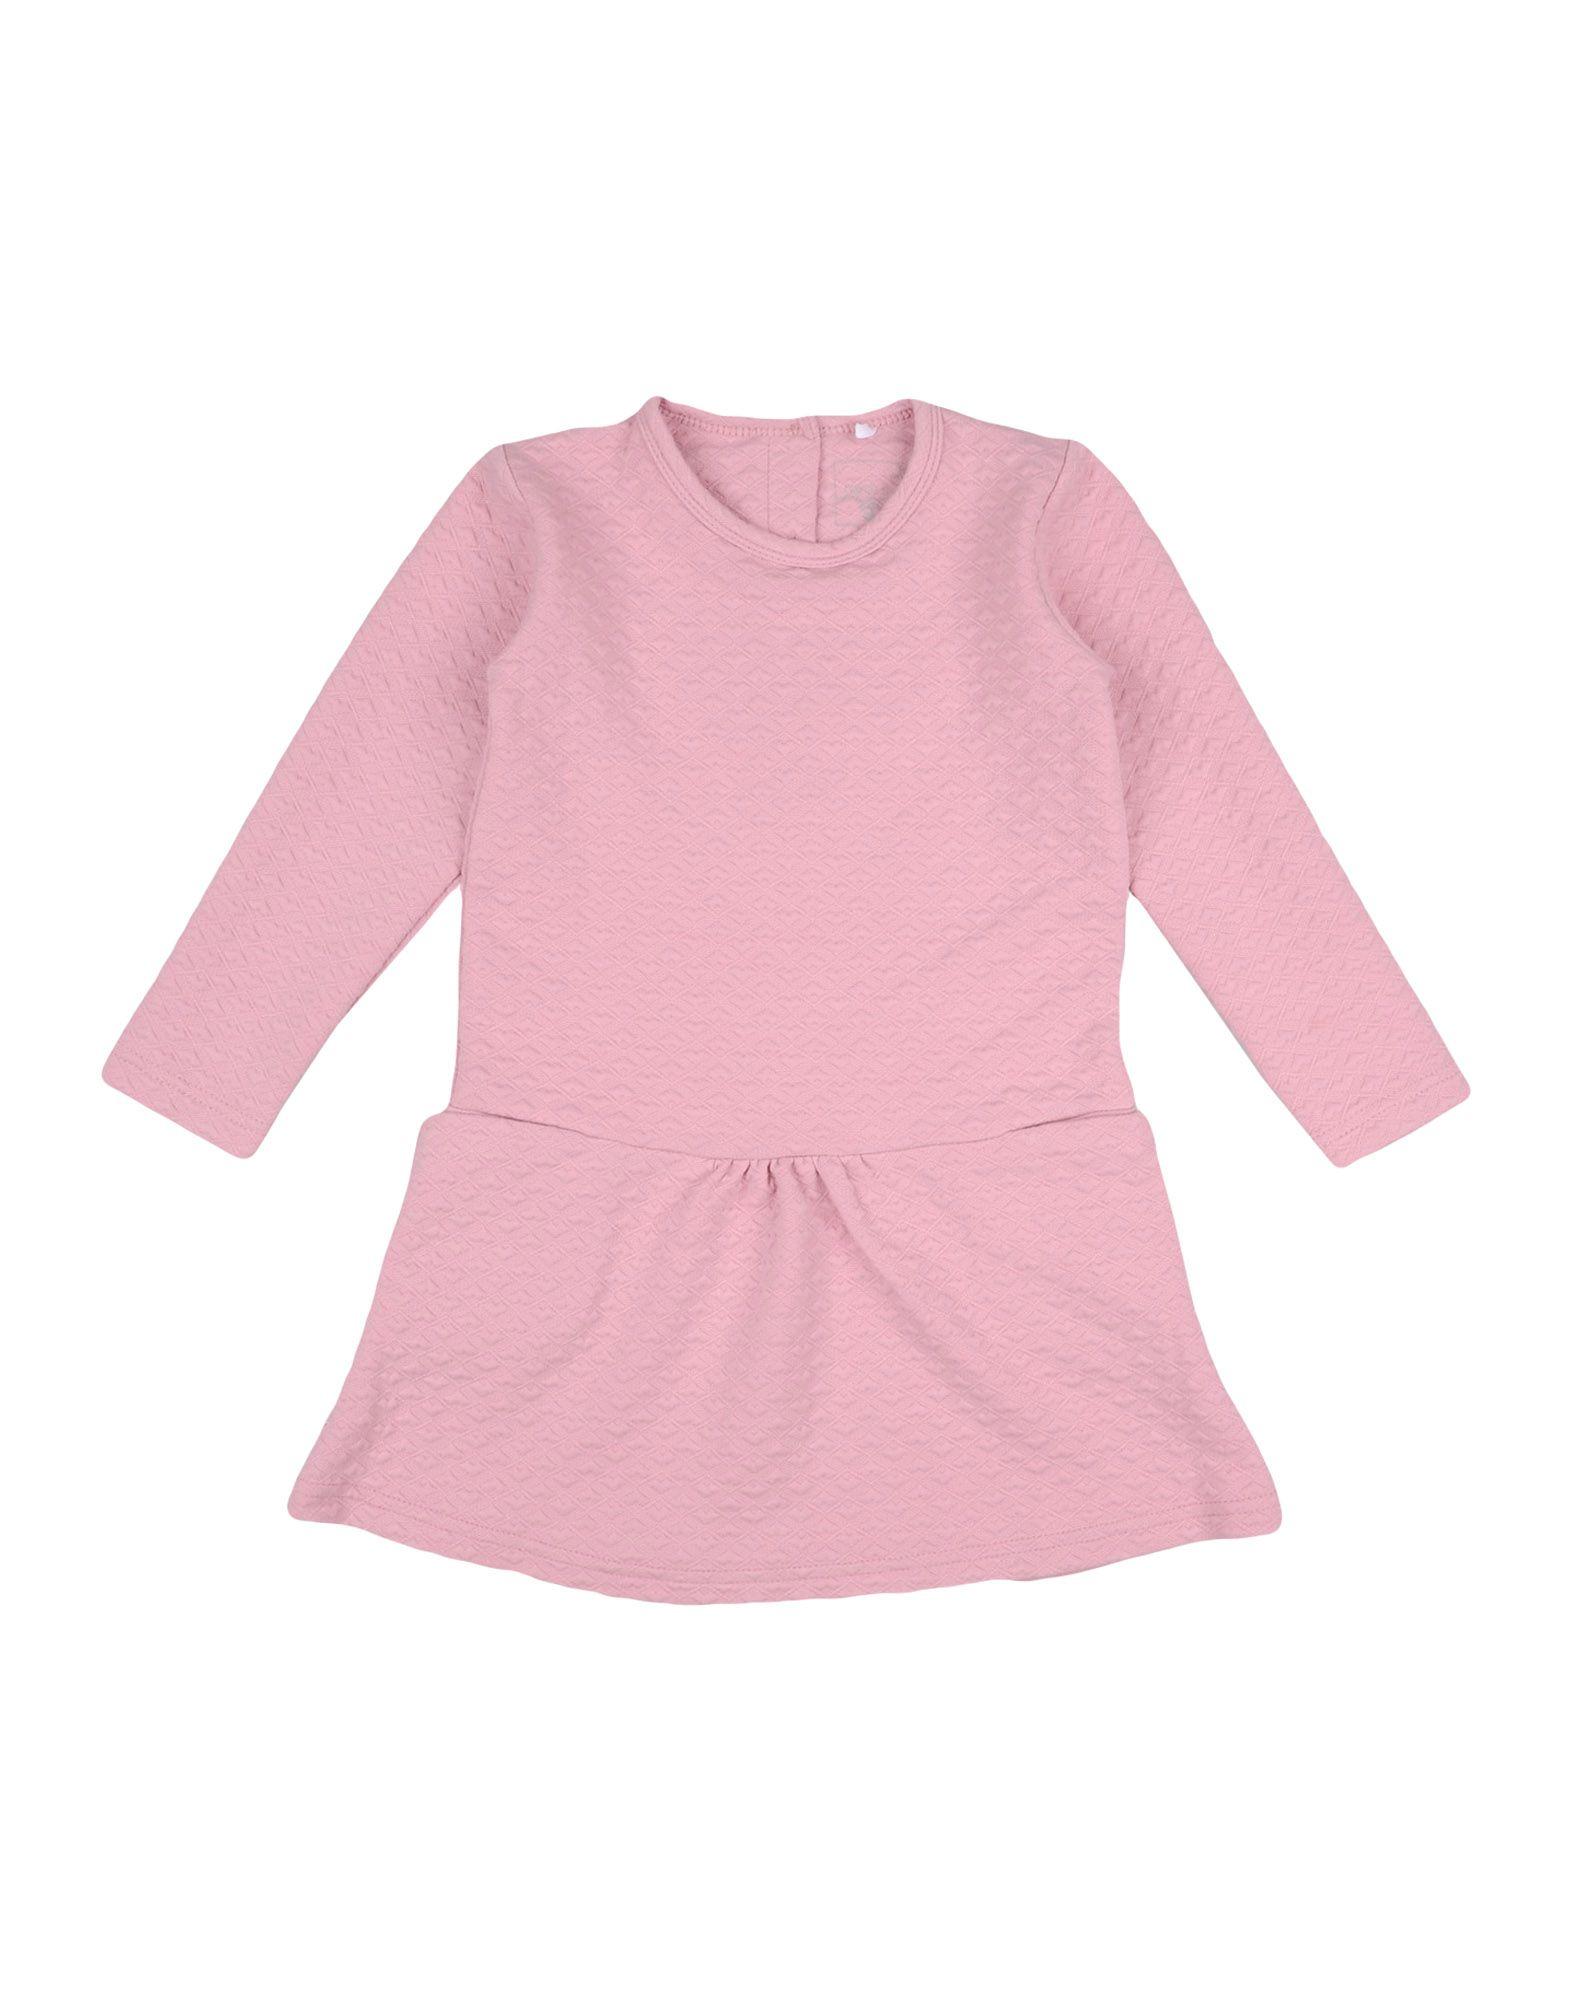 NAME IT® Mädchen 0-24 monate Kleid Farbe Rosa Größe 3